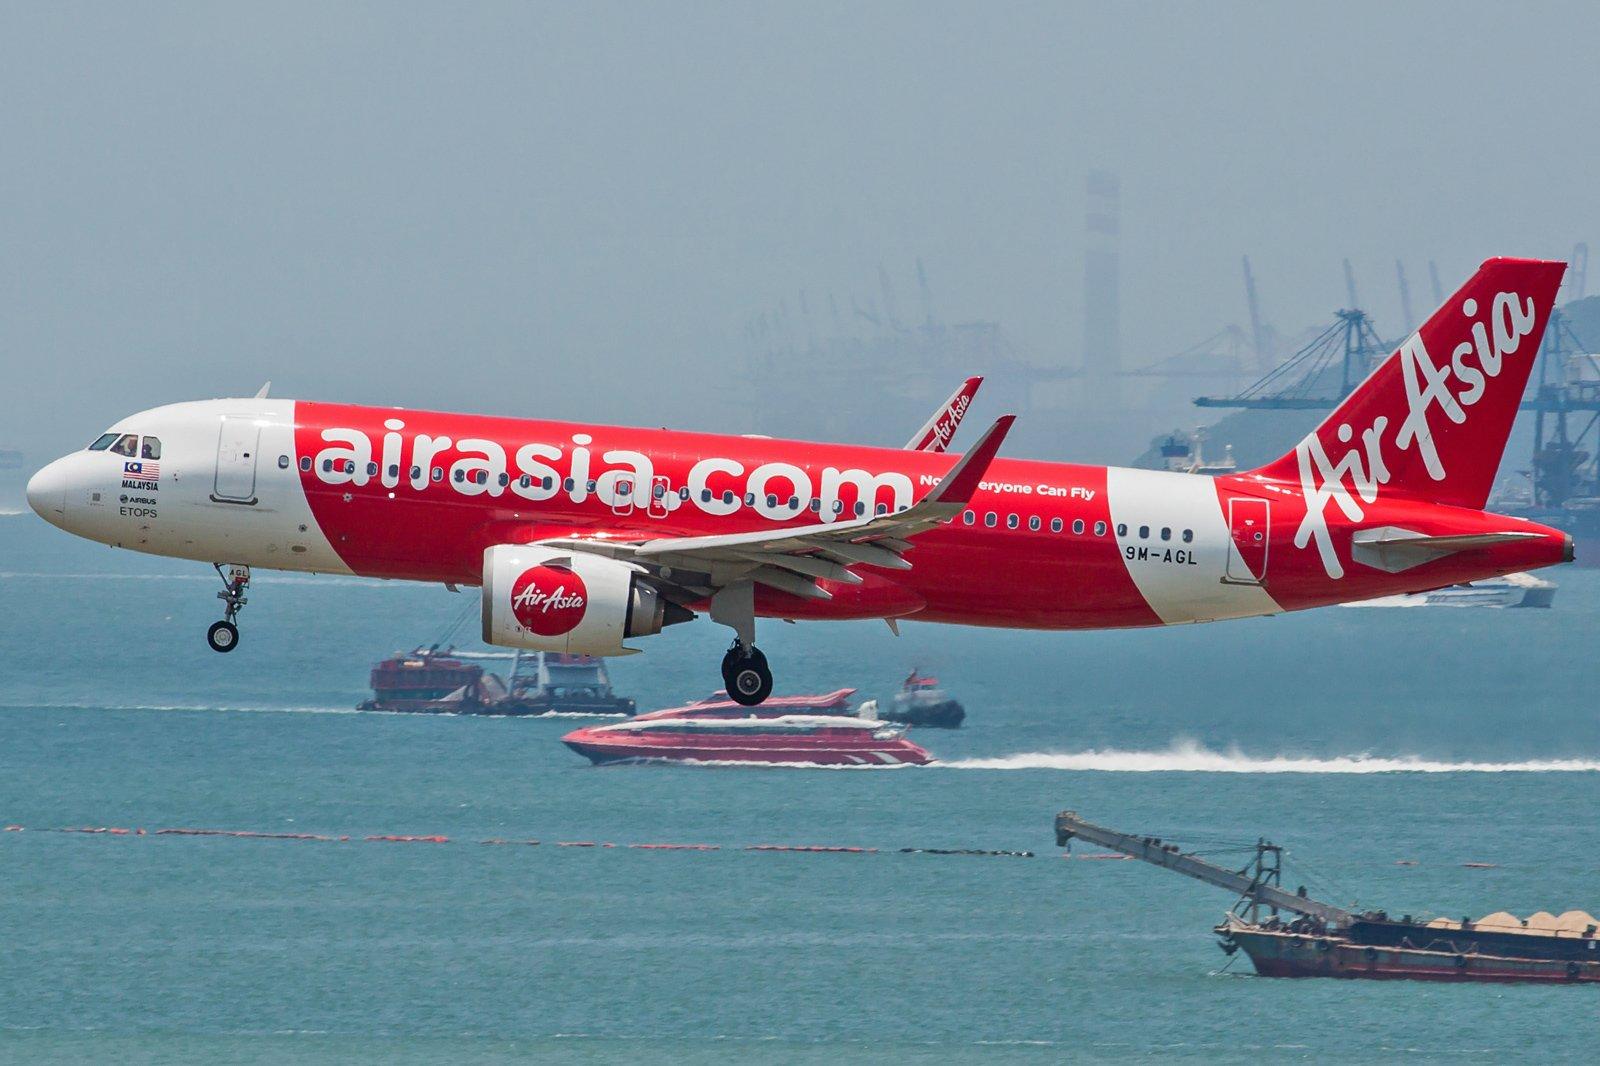 AirAsia Airbus A320-251N 9M-AGL